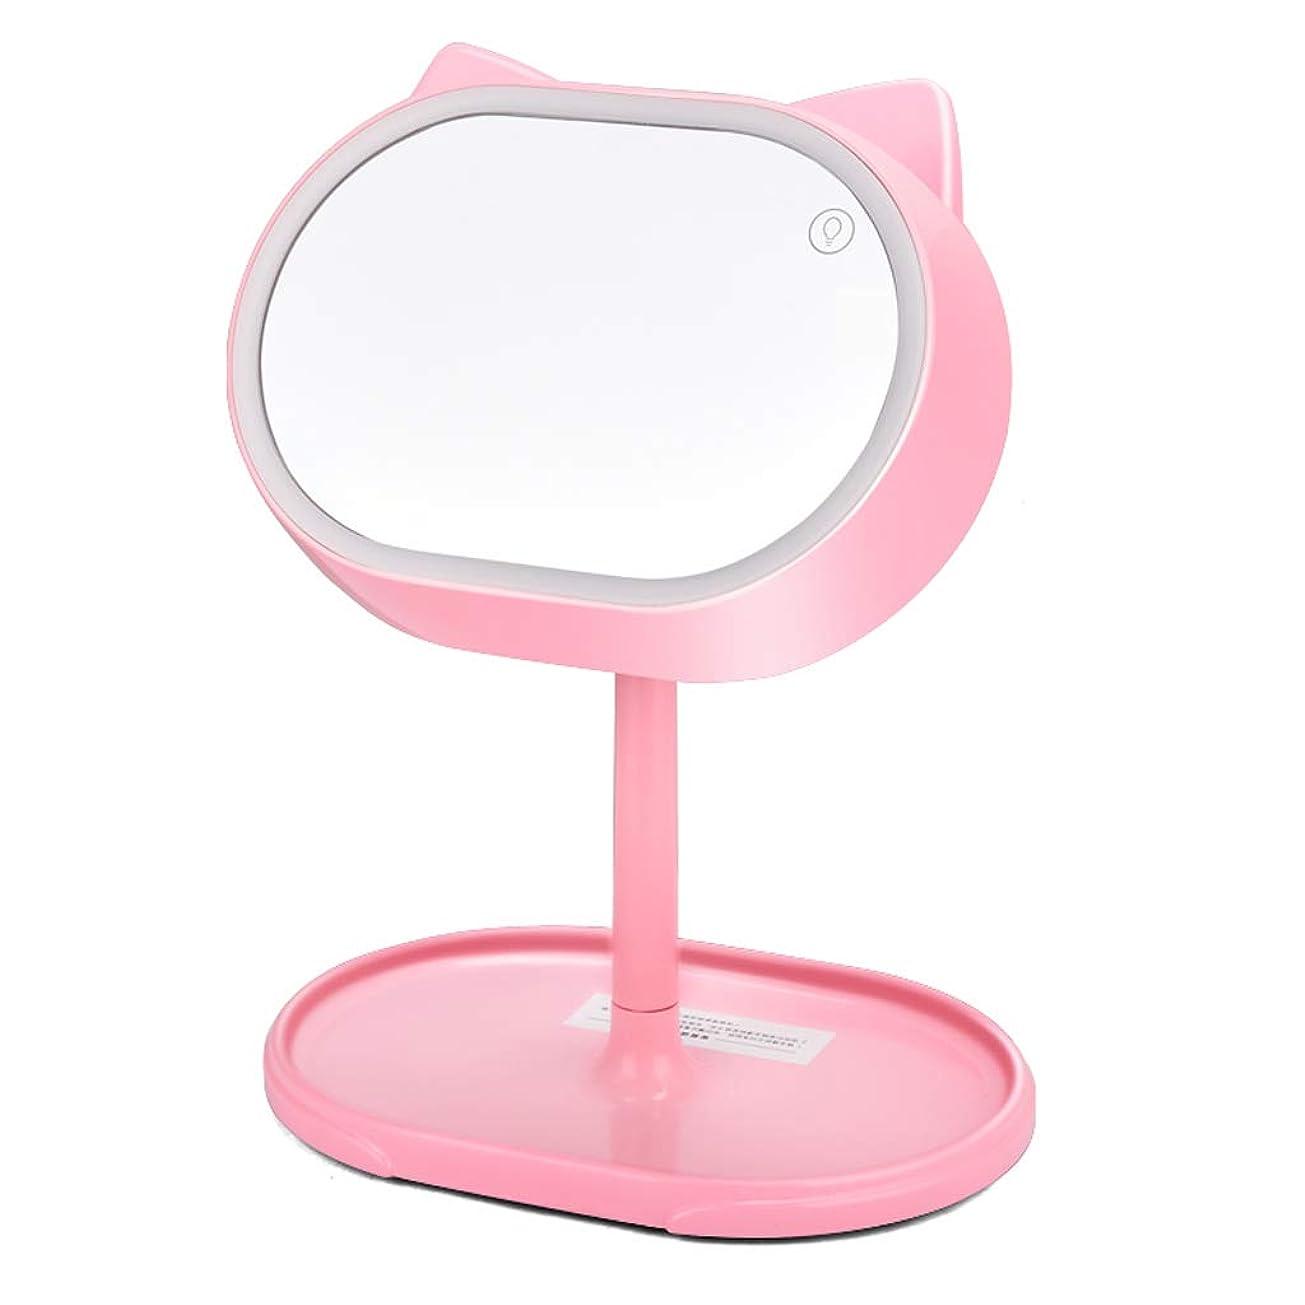 に対処するオーロックイルワンタッチタッチスクリーンLEDフィルライト化粧鏡HDミラー付きテーブルランプモード化粧鏡180度自由回転小型ポータブル